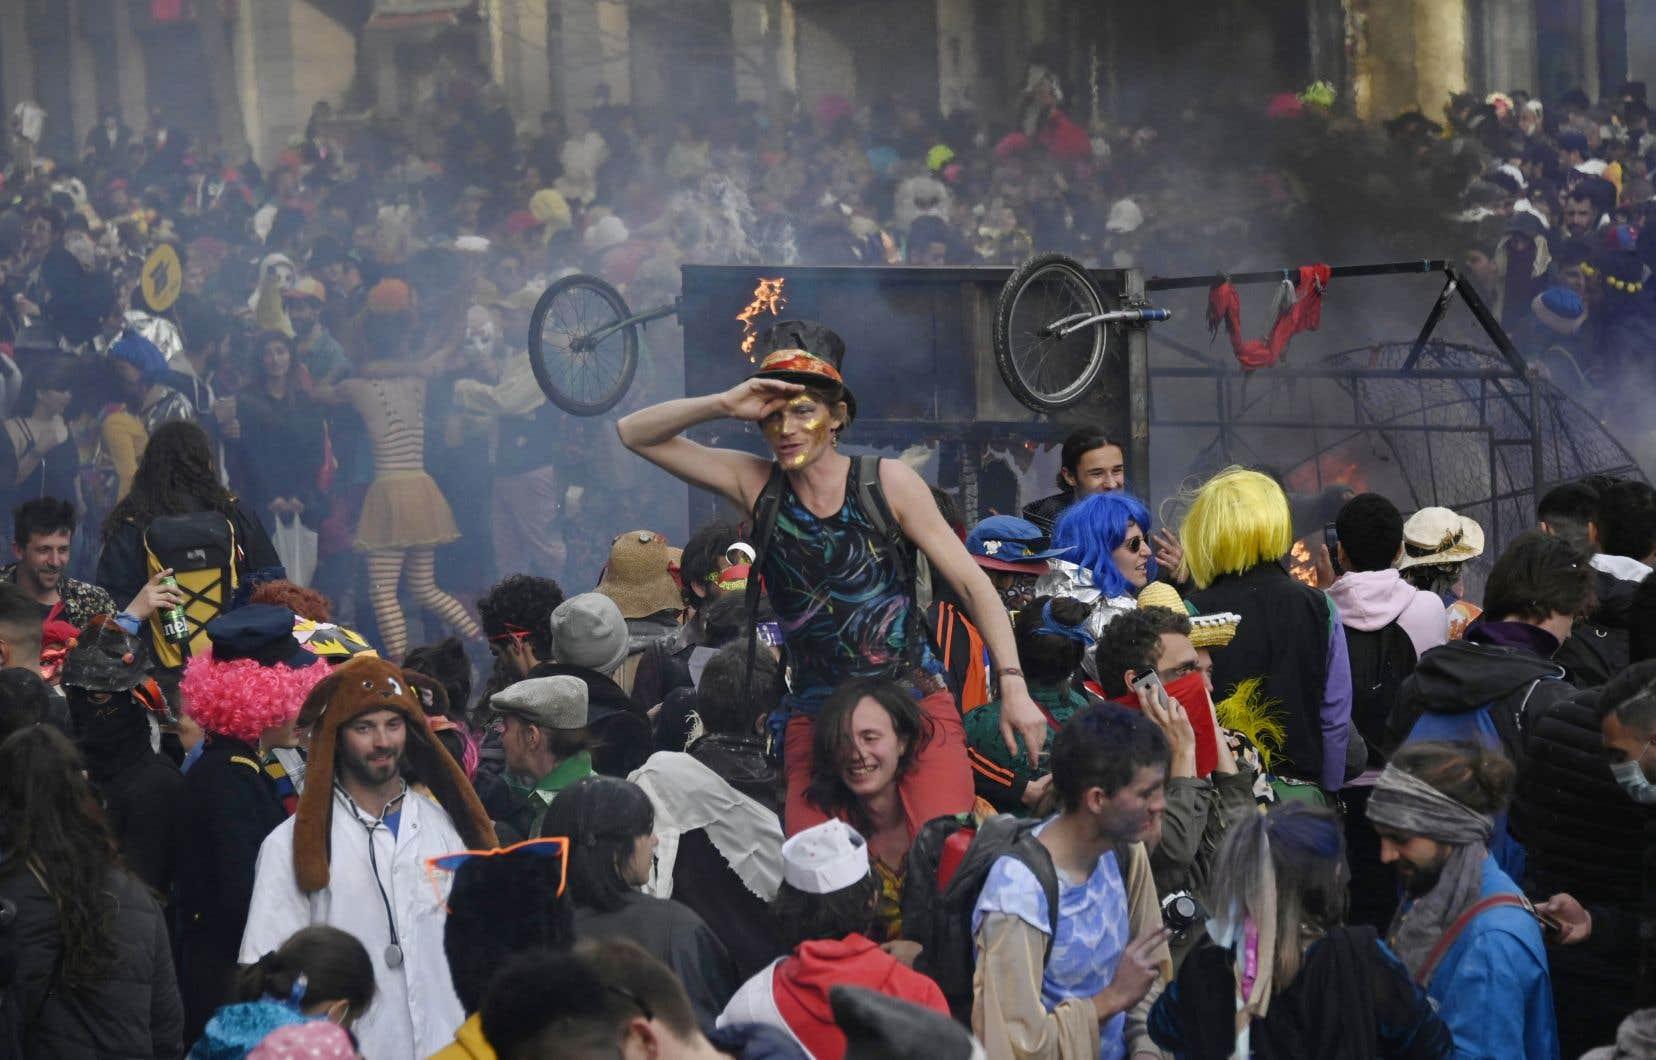 Partant du quartier de La Plaine, le défilé a glissé dans l'après-midi dans la rue d'Aubagne, où des habitants n'ont pas hésité à mettre des enceintes sur les rebords des fenêtres transformant la chaussée en dance-floor géant.